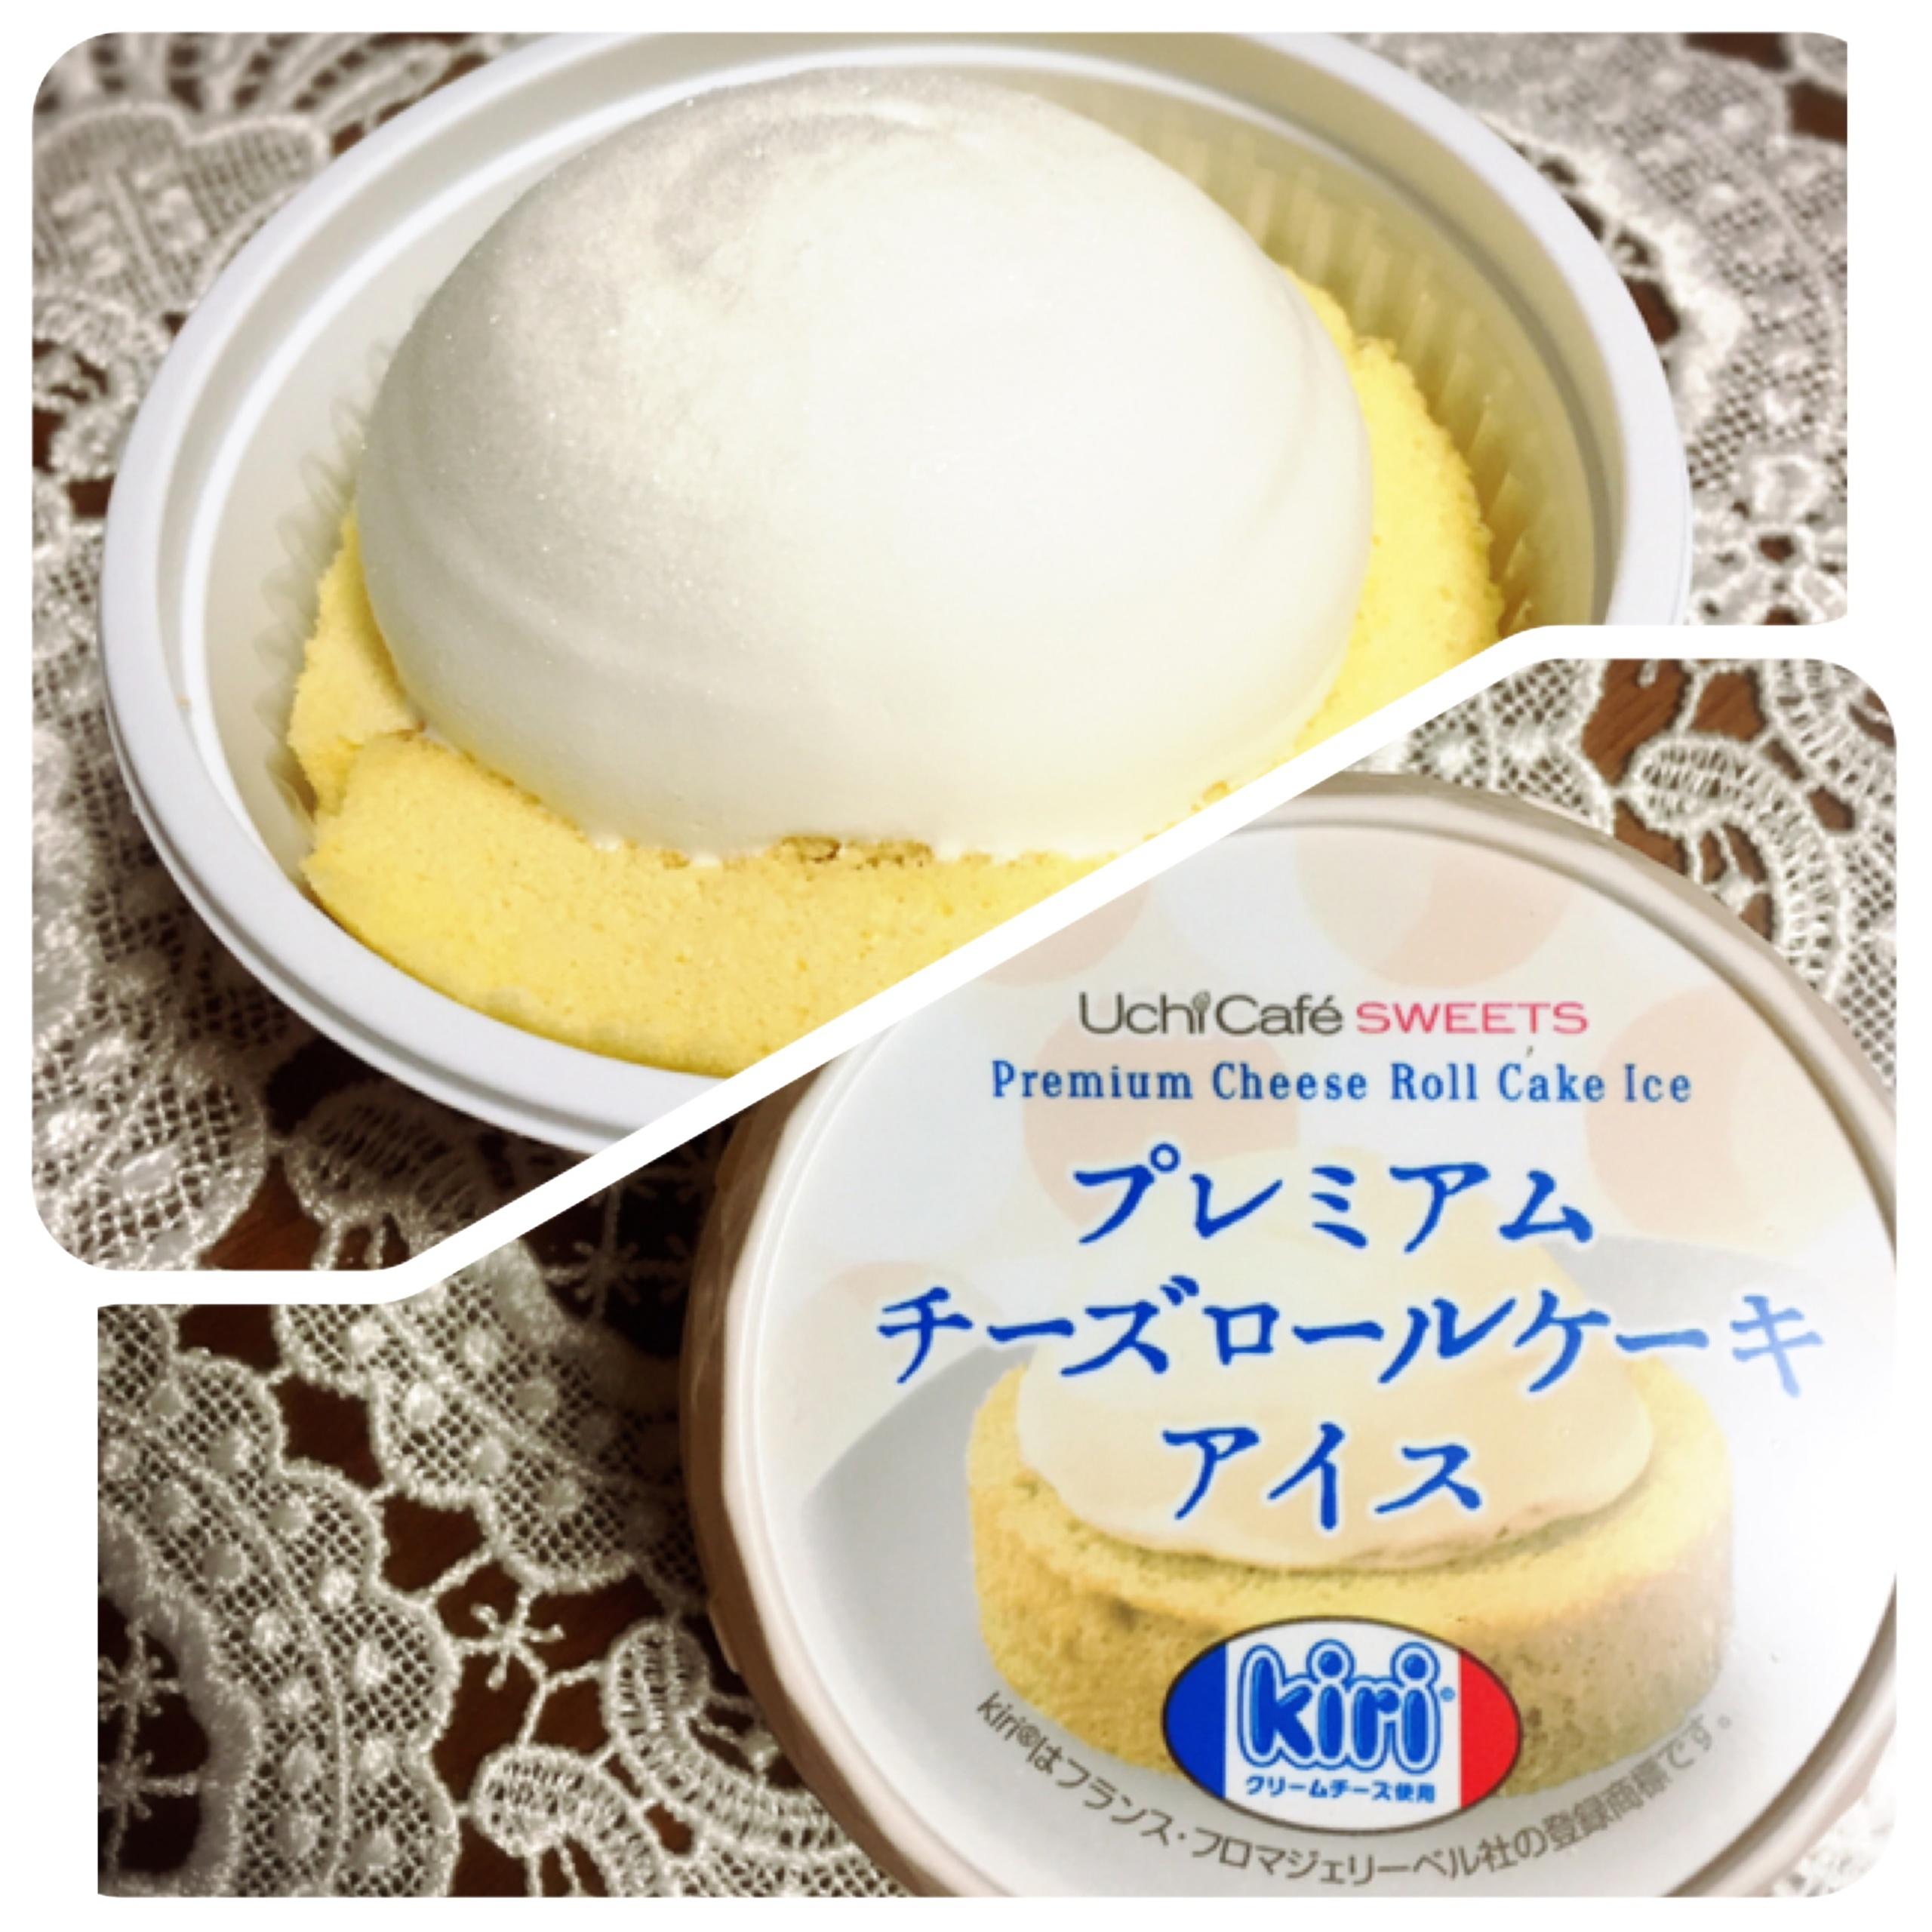 【グルメな話】ローソンのウチカフェからkiri尽くしのアイスでお正月をリッチに♡_1